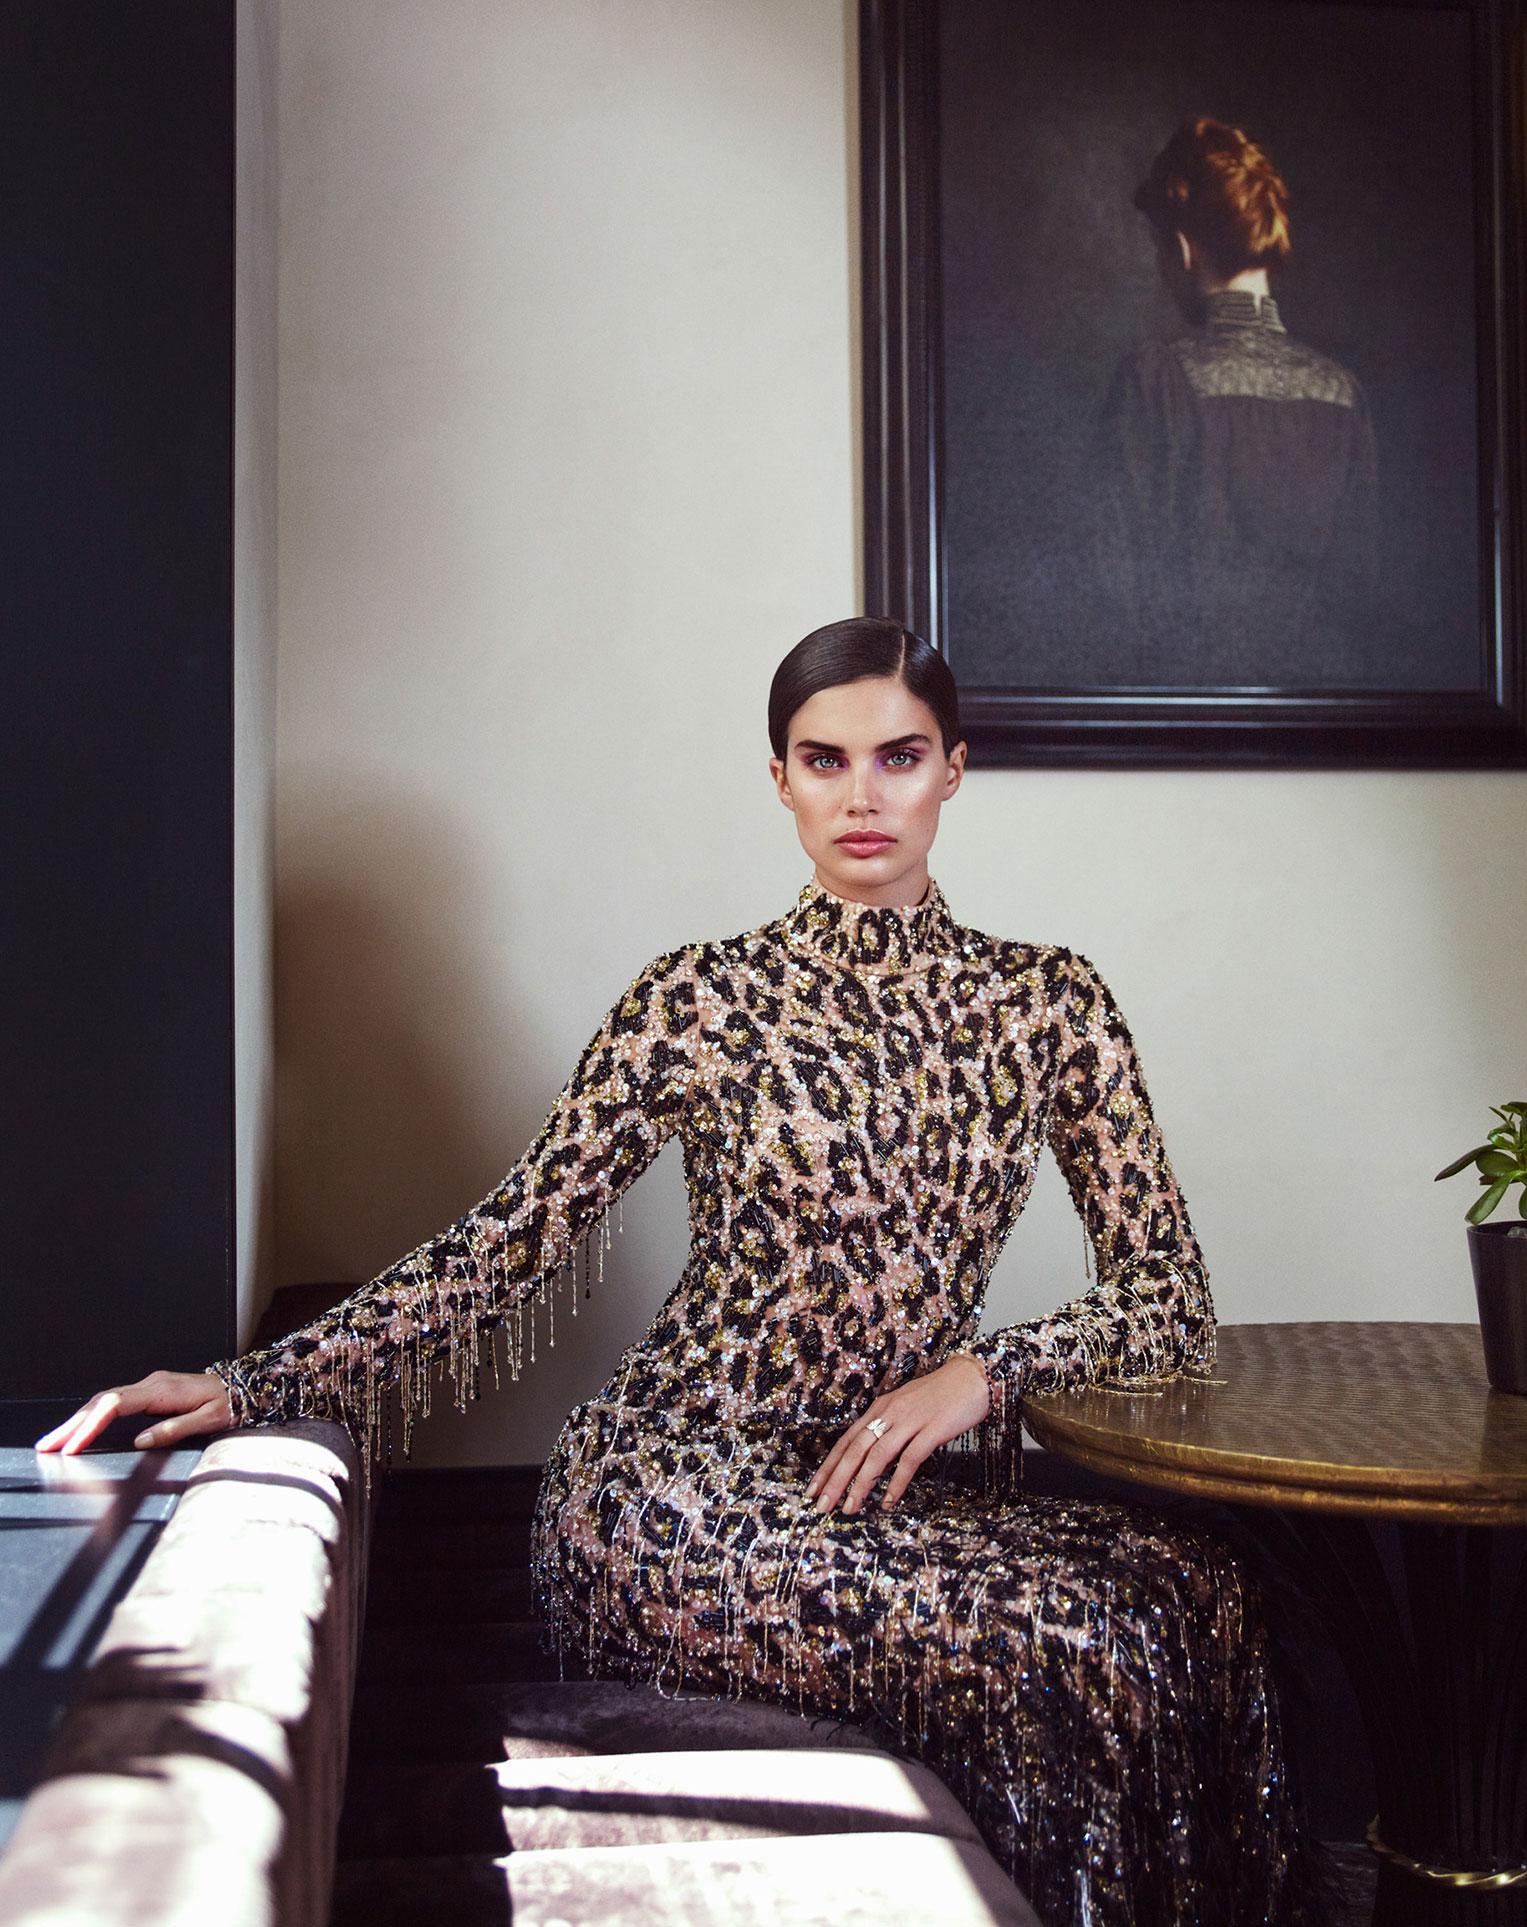 Сара Сампайо демонстрирует модные наряды на улицах и балконах Парижа / фото 04